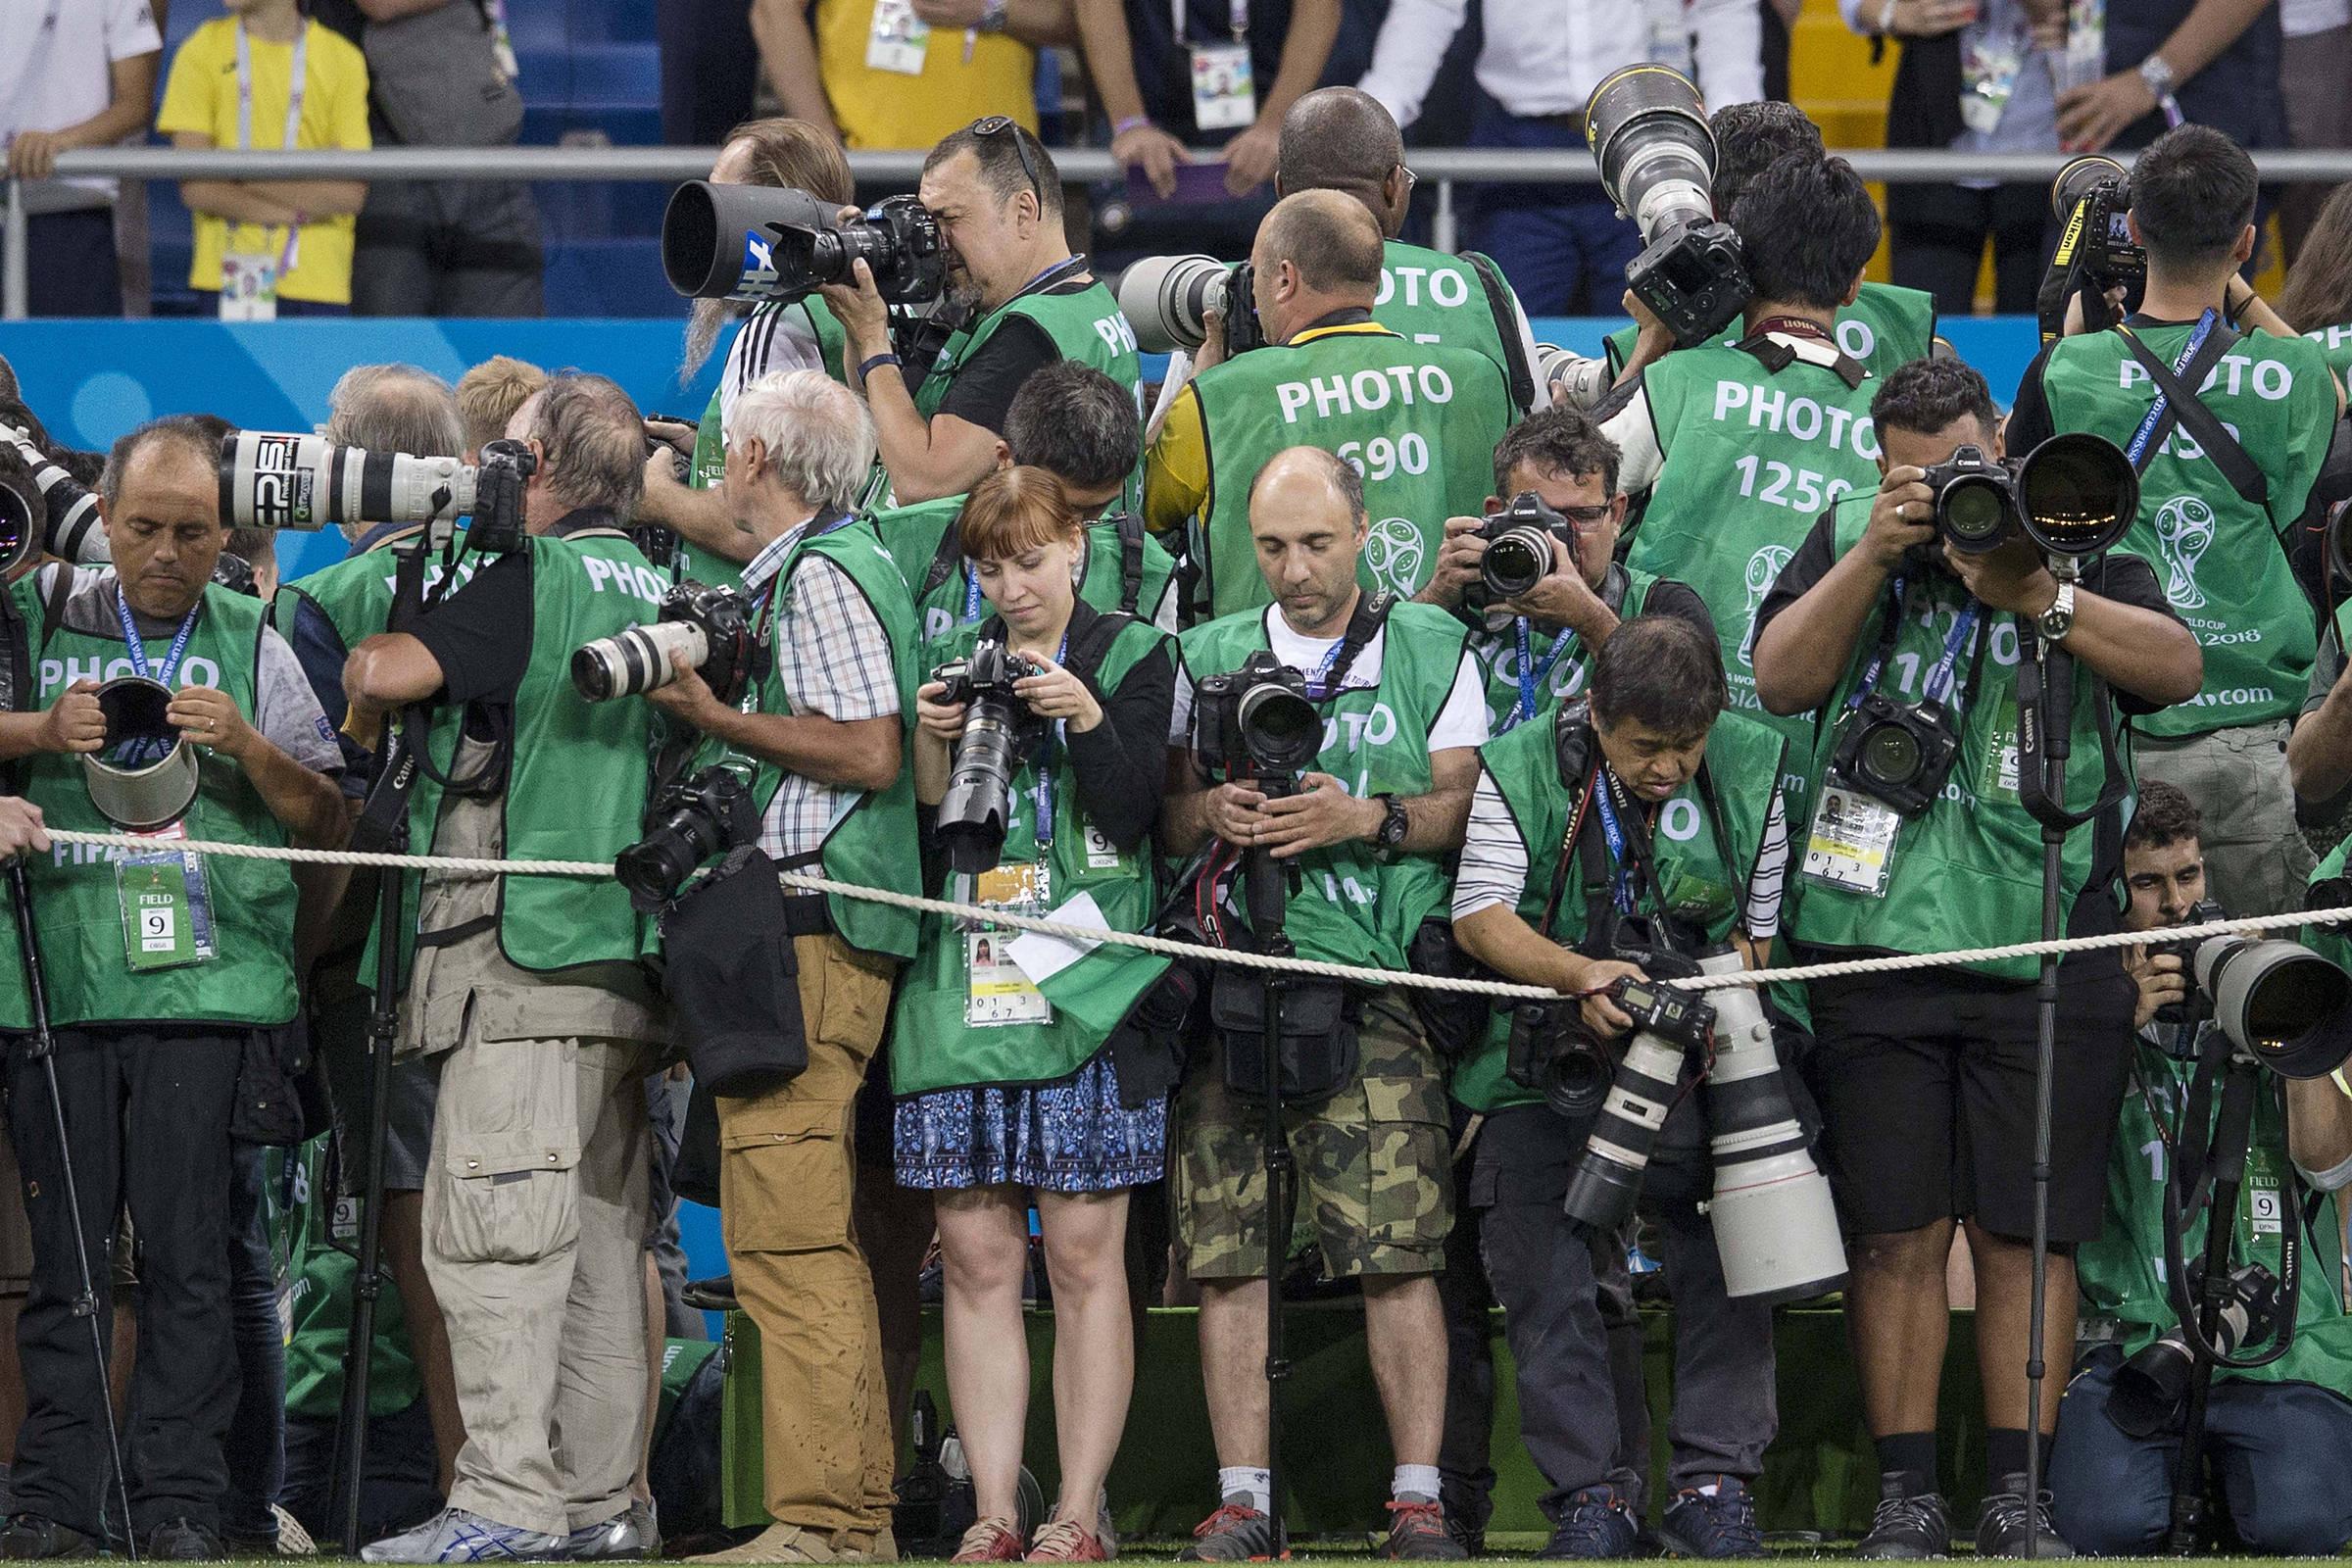 Imprensa credenciada para a Copa da Rússia tem somente 14% de mulheres -  09 07 2018 - Esporte - Folha 77f804ef08da5